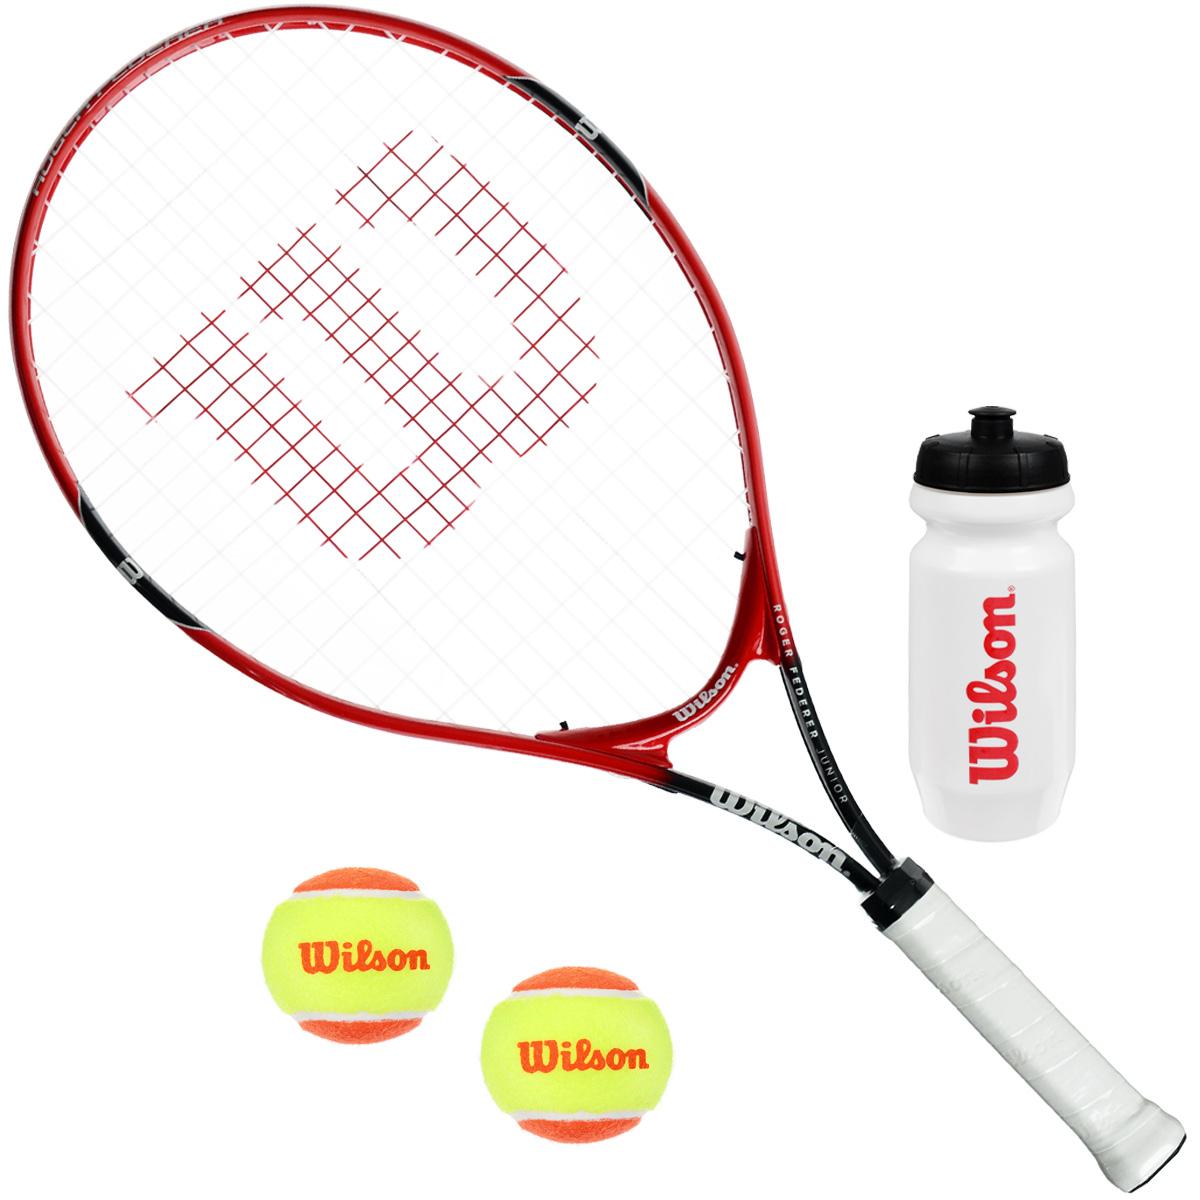 """Wilson """"Roger Federer Starter"""" - это самый правильный выбор для детей всех возрастов. Большая игровая зона ракетки - залог точности в каждом ударе. Изделие оснащено обтекаемой рамкой и увеличенным игровым пятном. В комплект также входит 2 теннисных мяча Stage 2, бутылка для воды и чехол для переноски и хранения. Диаметр мячей: 5 см. Высота бутылки: 19,5 см. Диаметр бутылки: 6,5 см."""